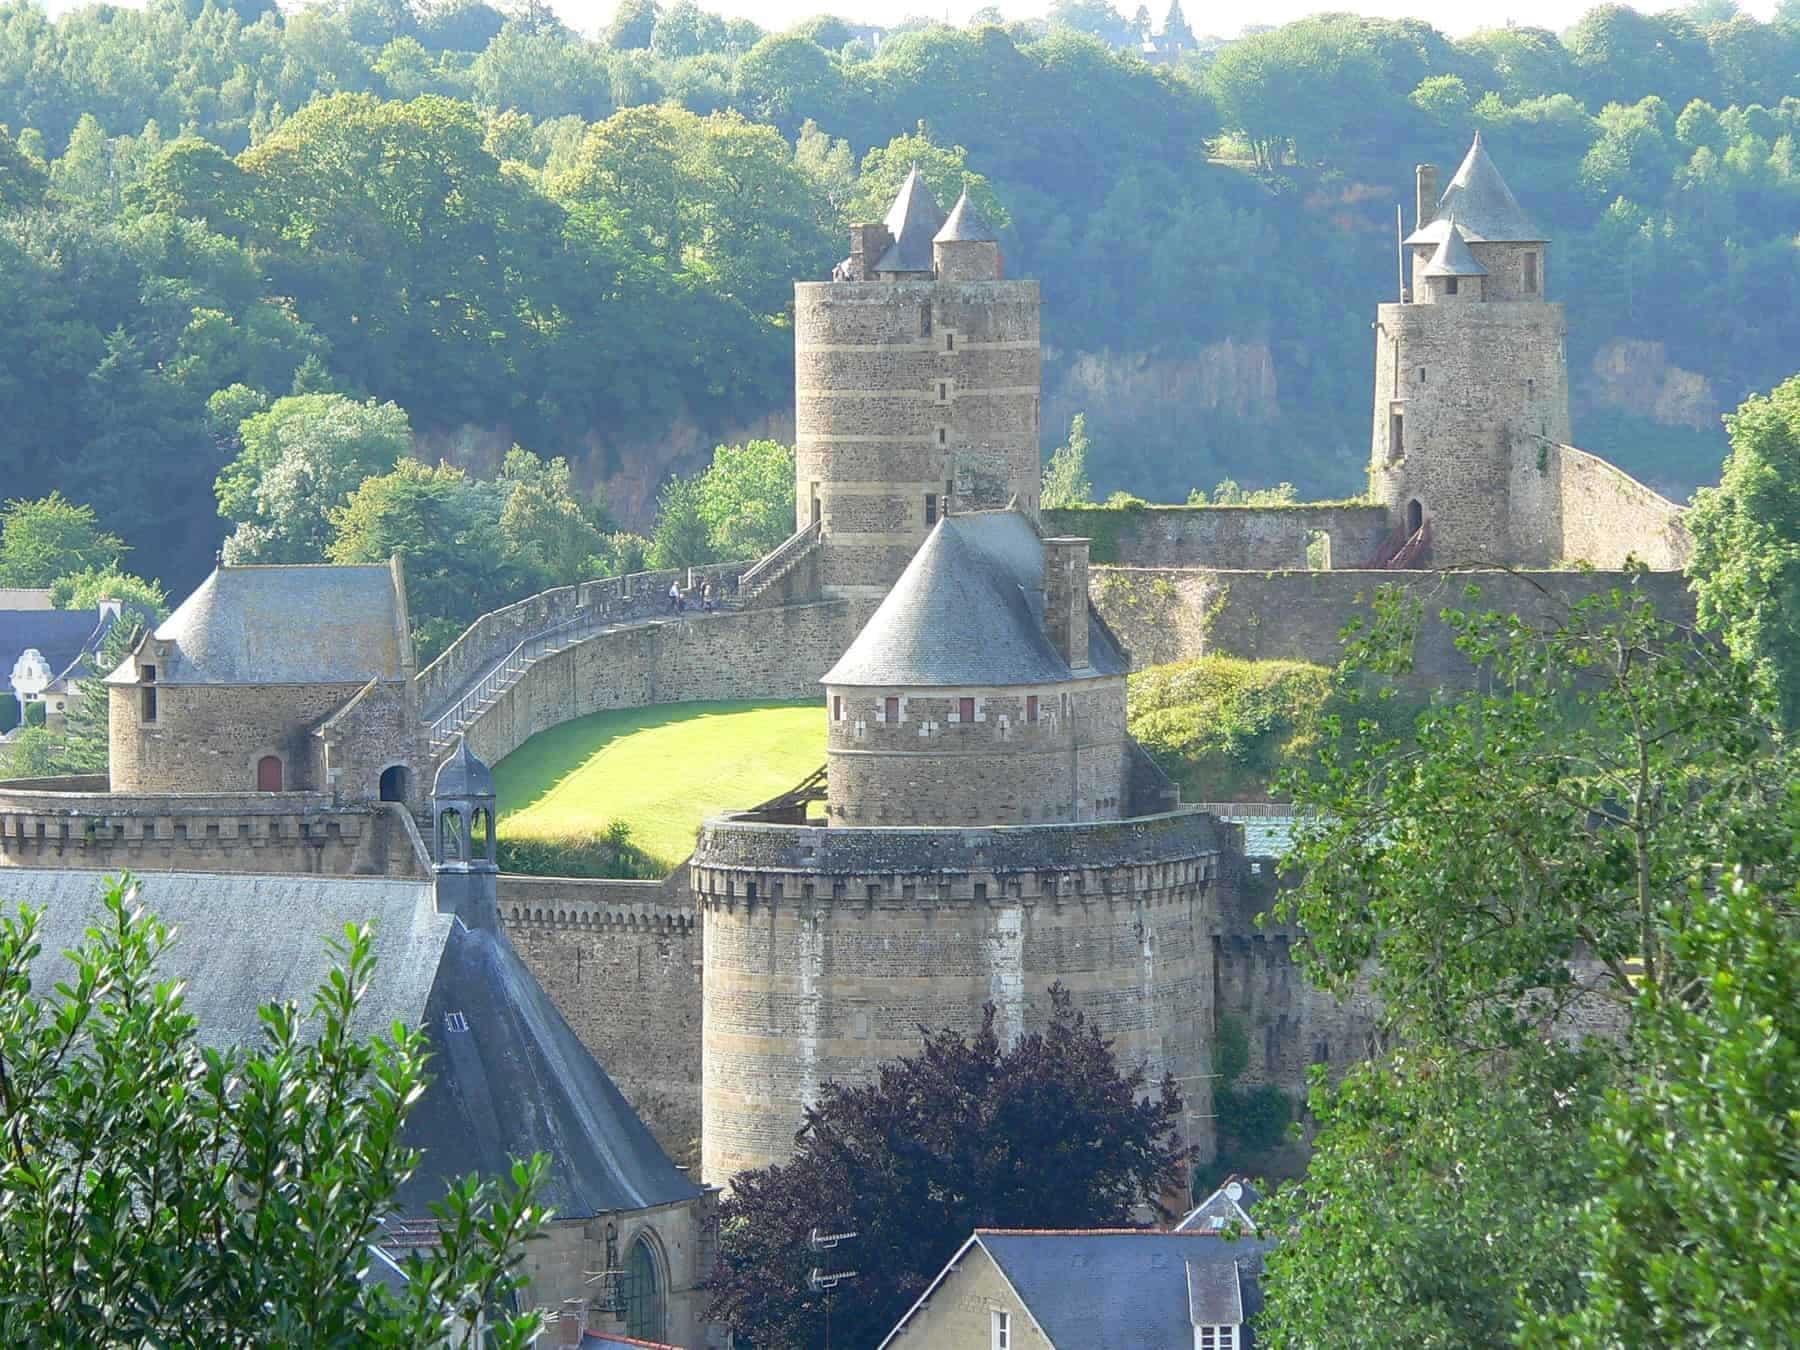 Overview of the Château de Fougères, Ille-et-Vilaine, Brittany (France).